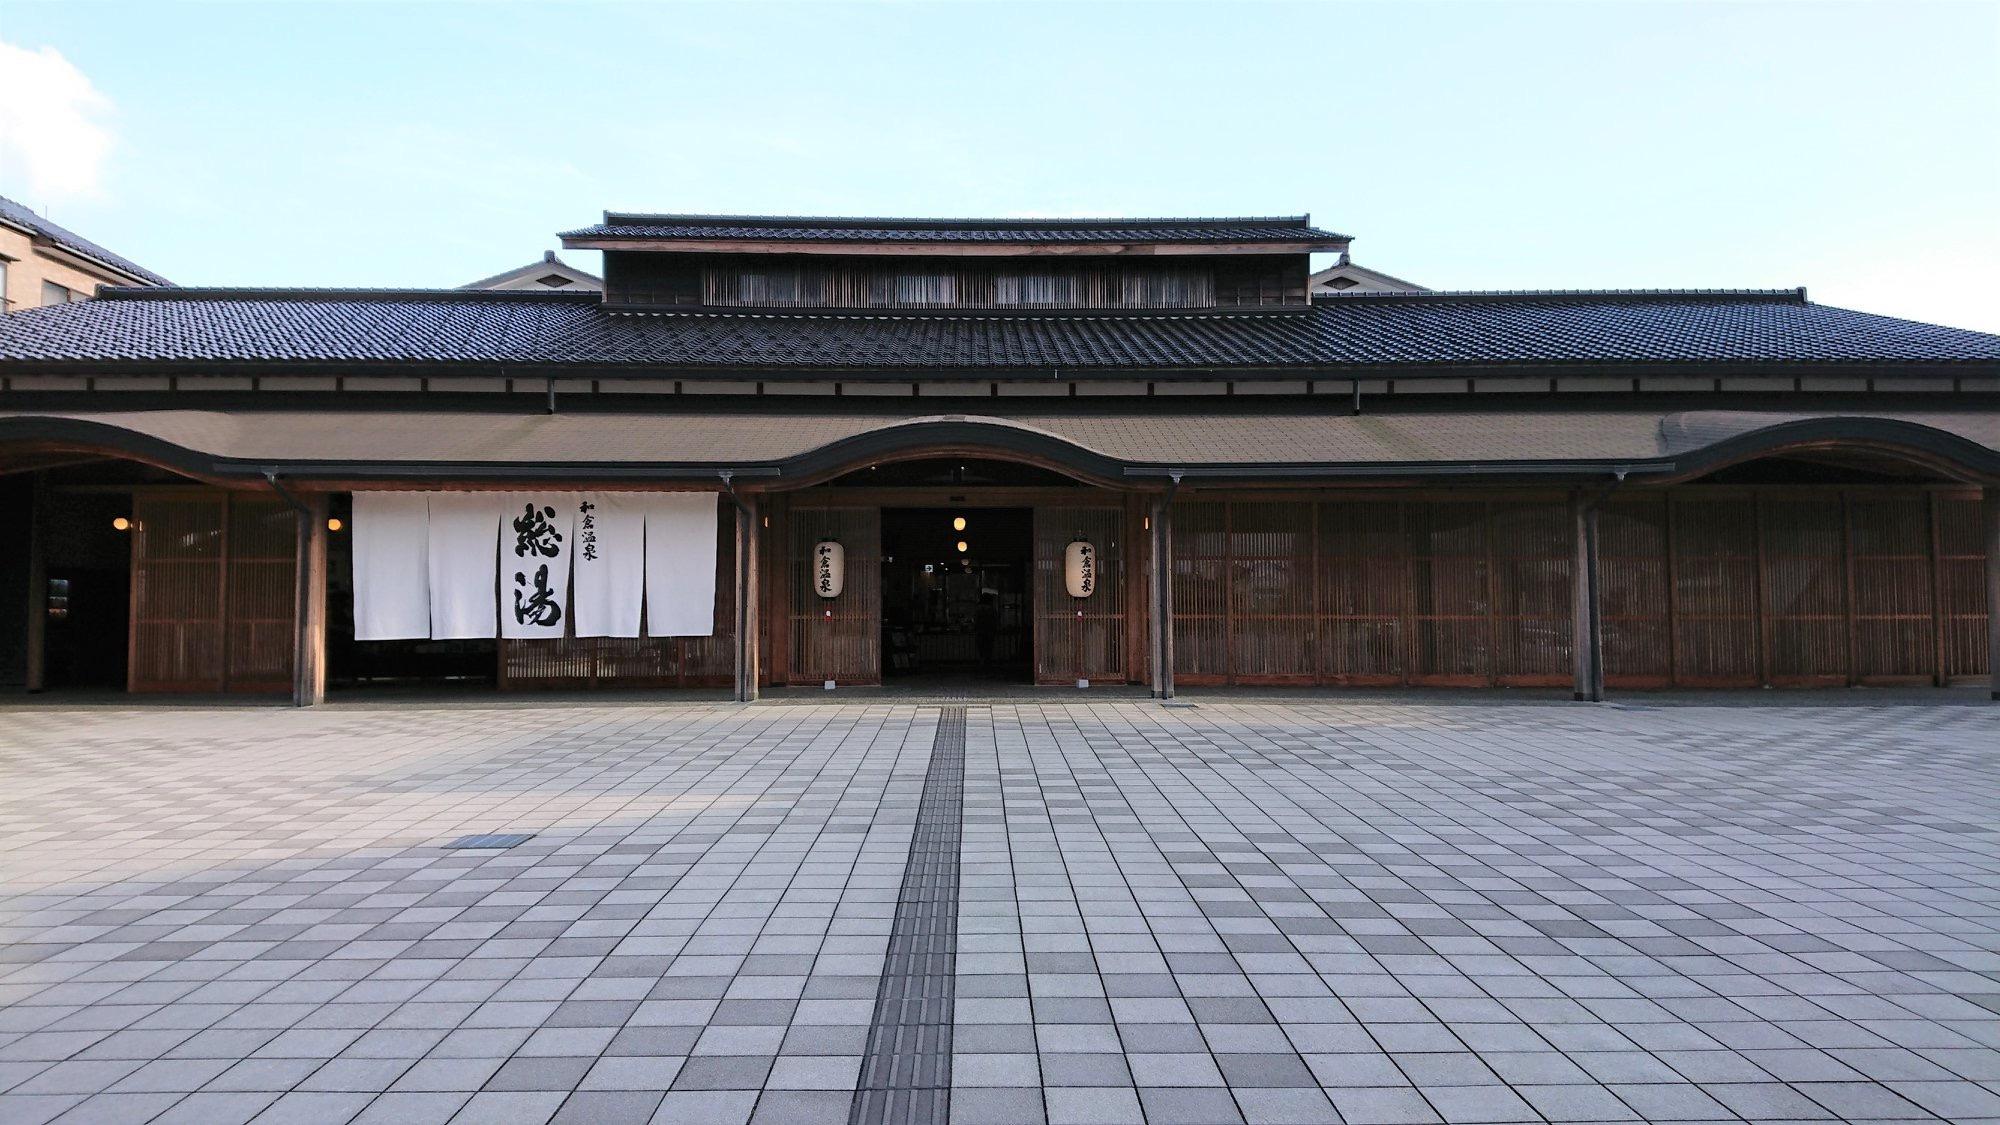 和倉の総湯の日帰り温泉は、海水のような塩泉で身体の芯までポッカポカ♪【和倉温泉 総湯】